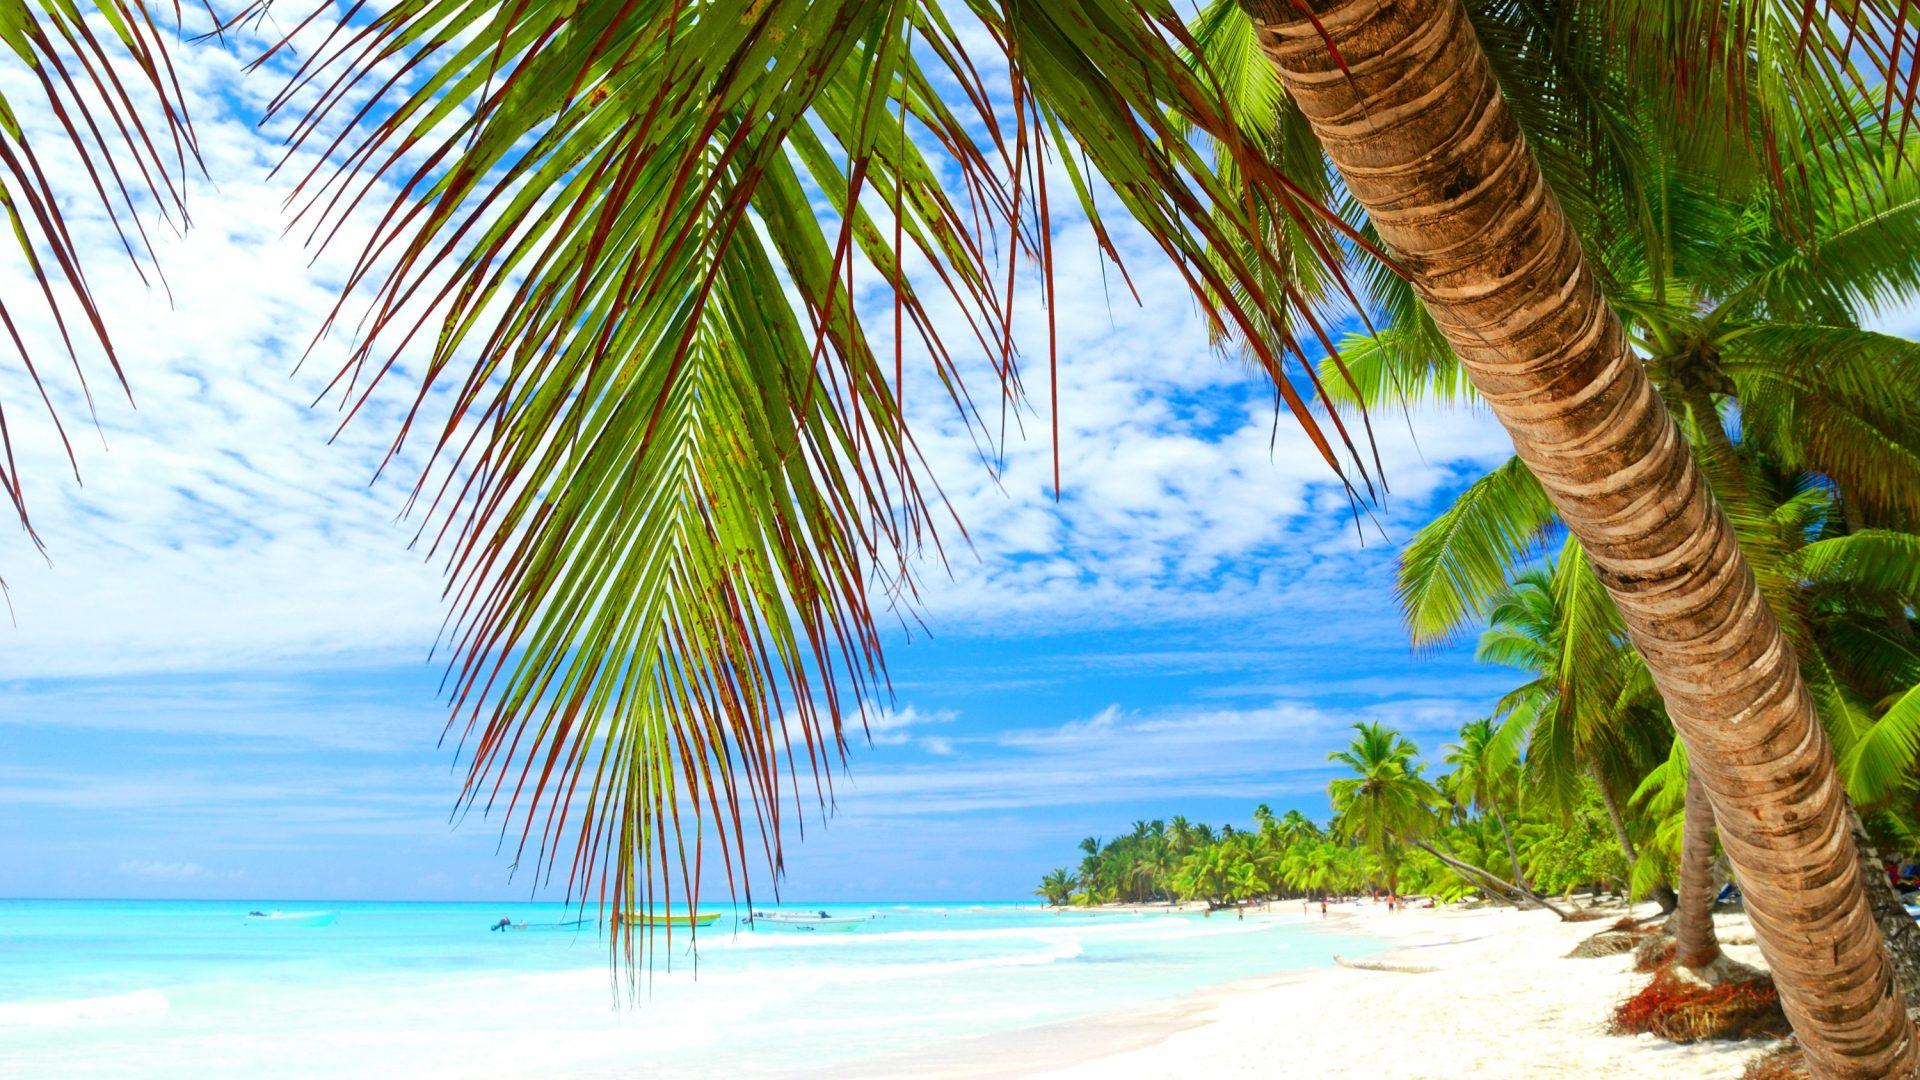 Dusk clipart vacation Boats Trees Sand Tropical Dusk